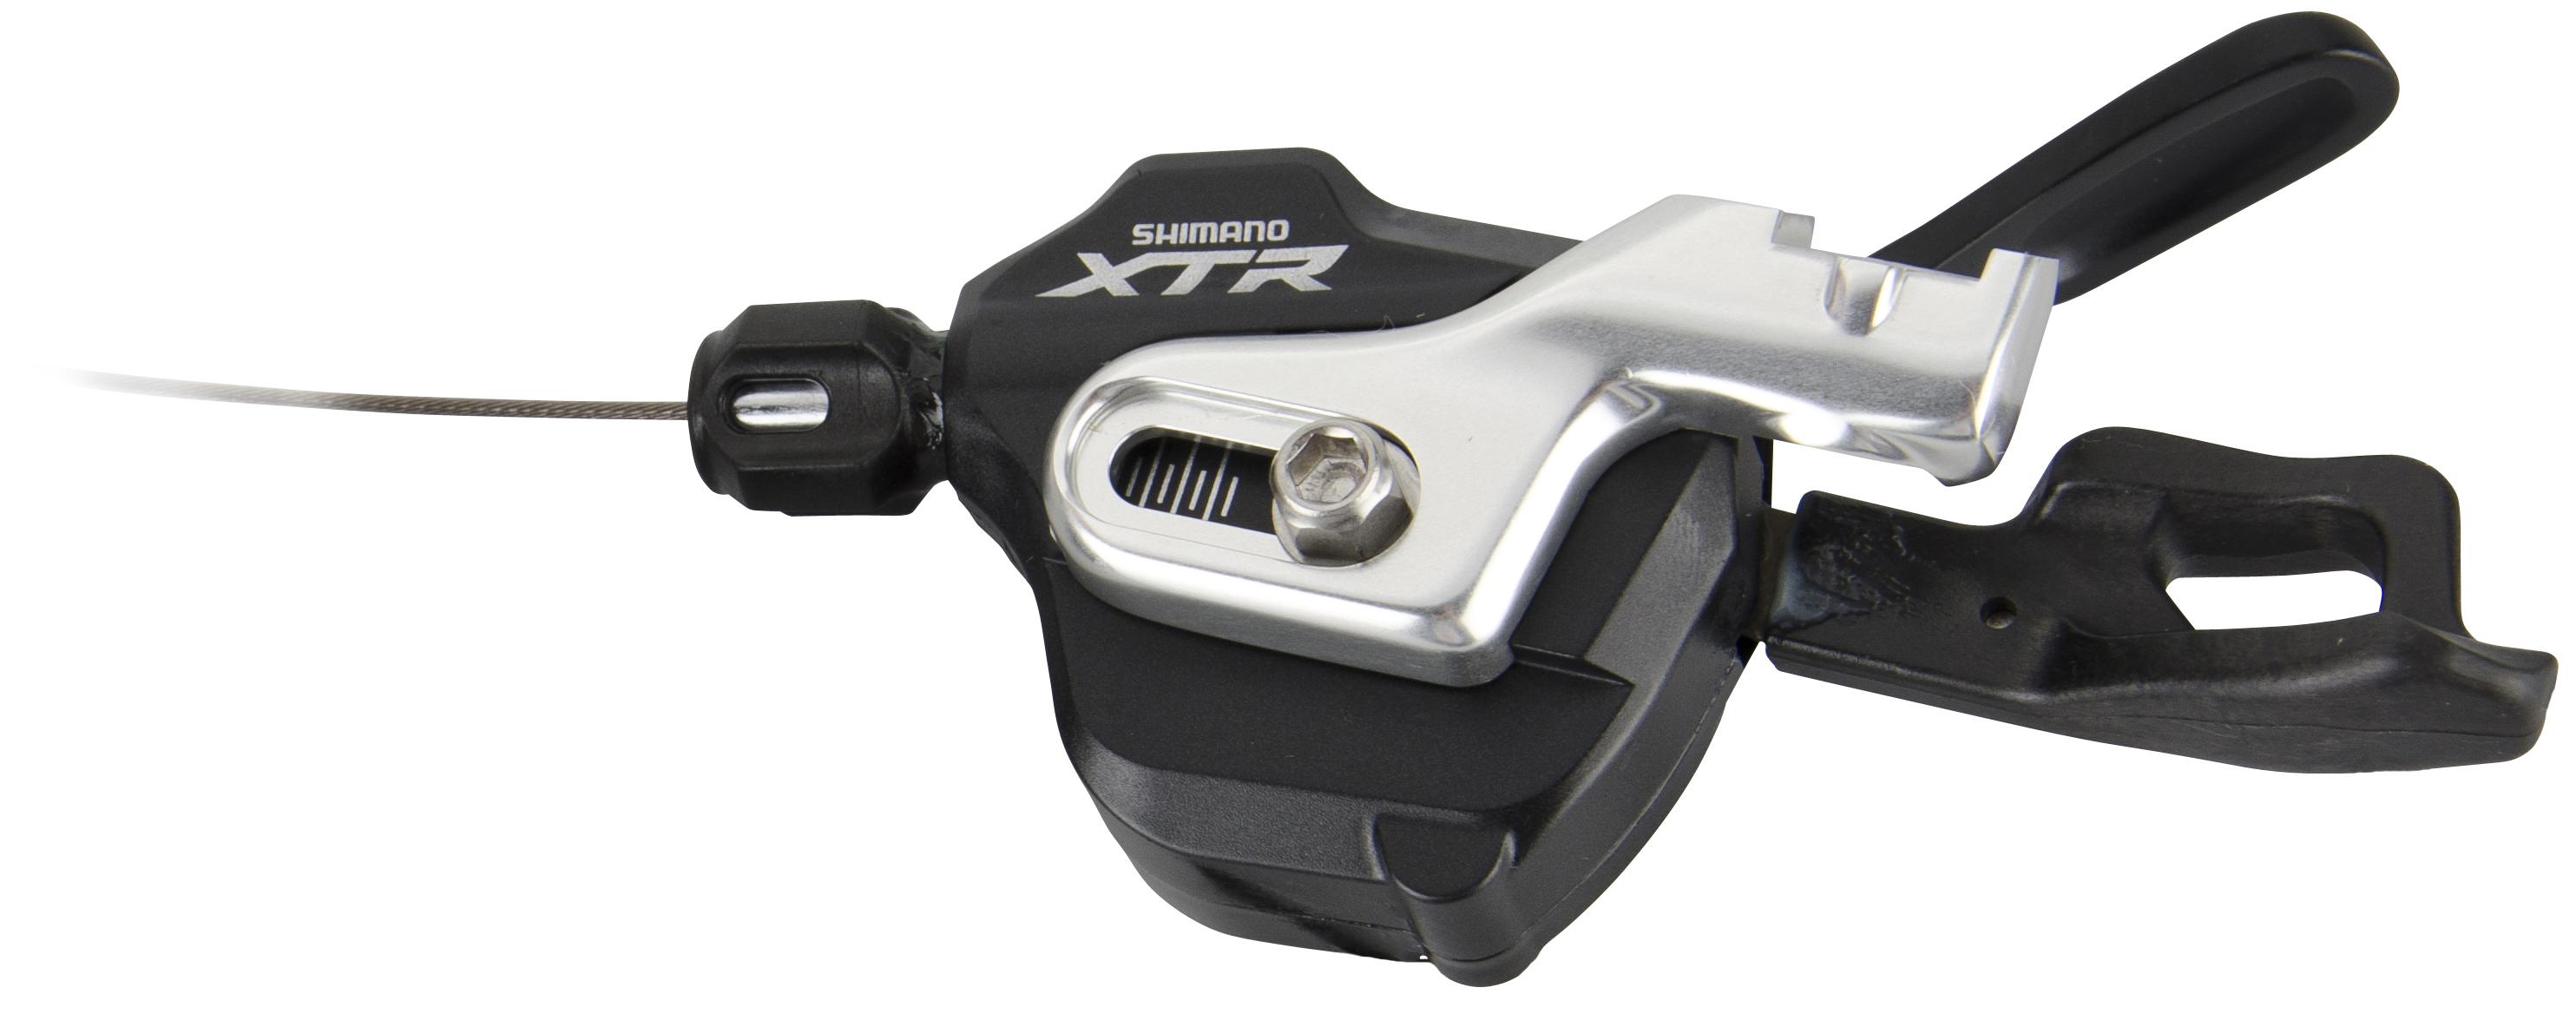 SHIMANO řadící páčka pravá XTR SL-M980-B-I 10 rychl lanko 2050 mm, přímá montáž na BL model 2014